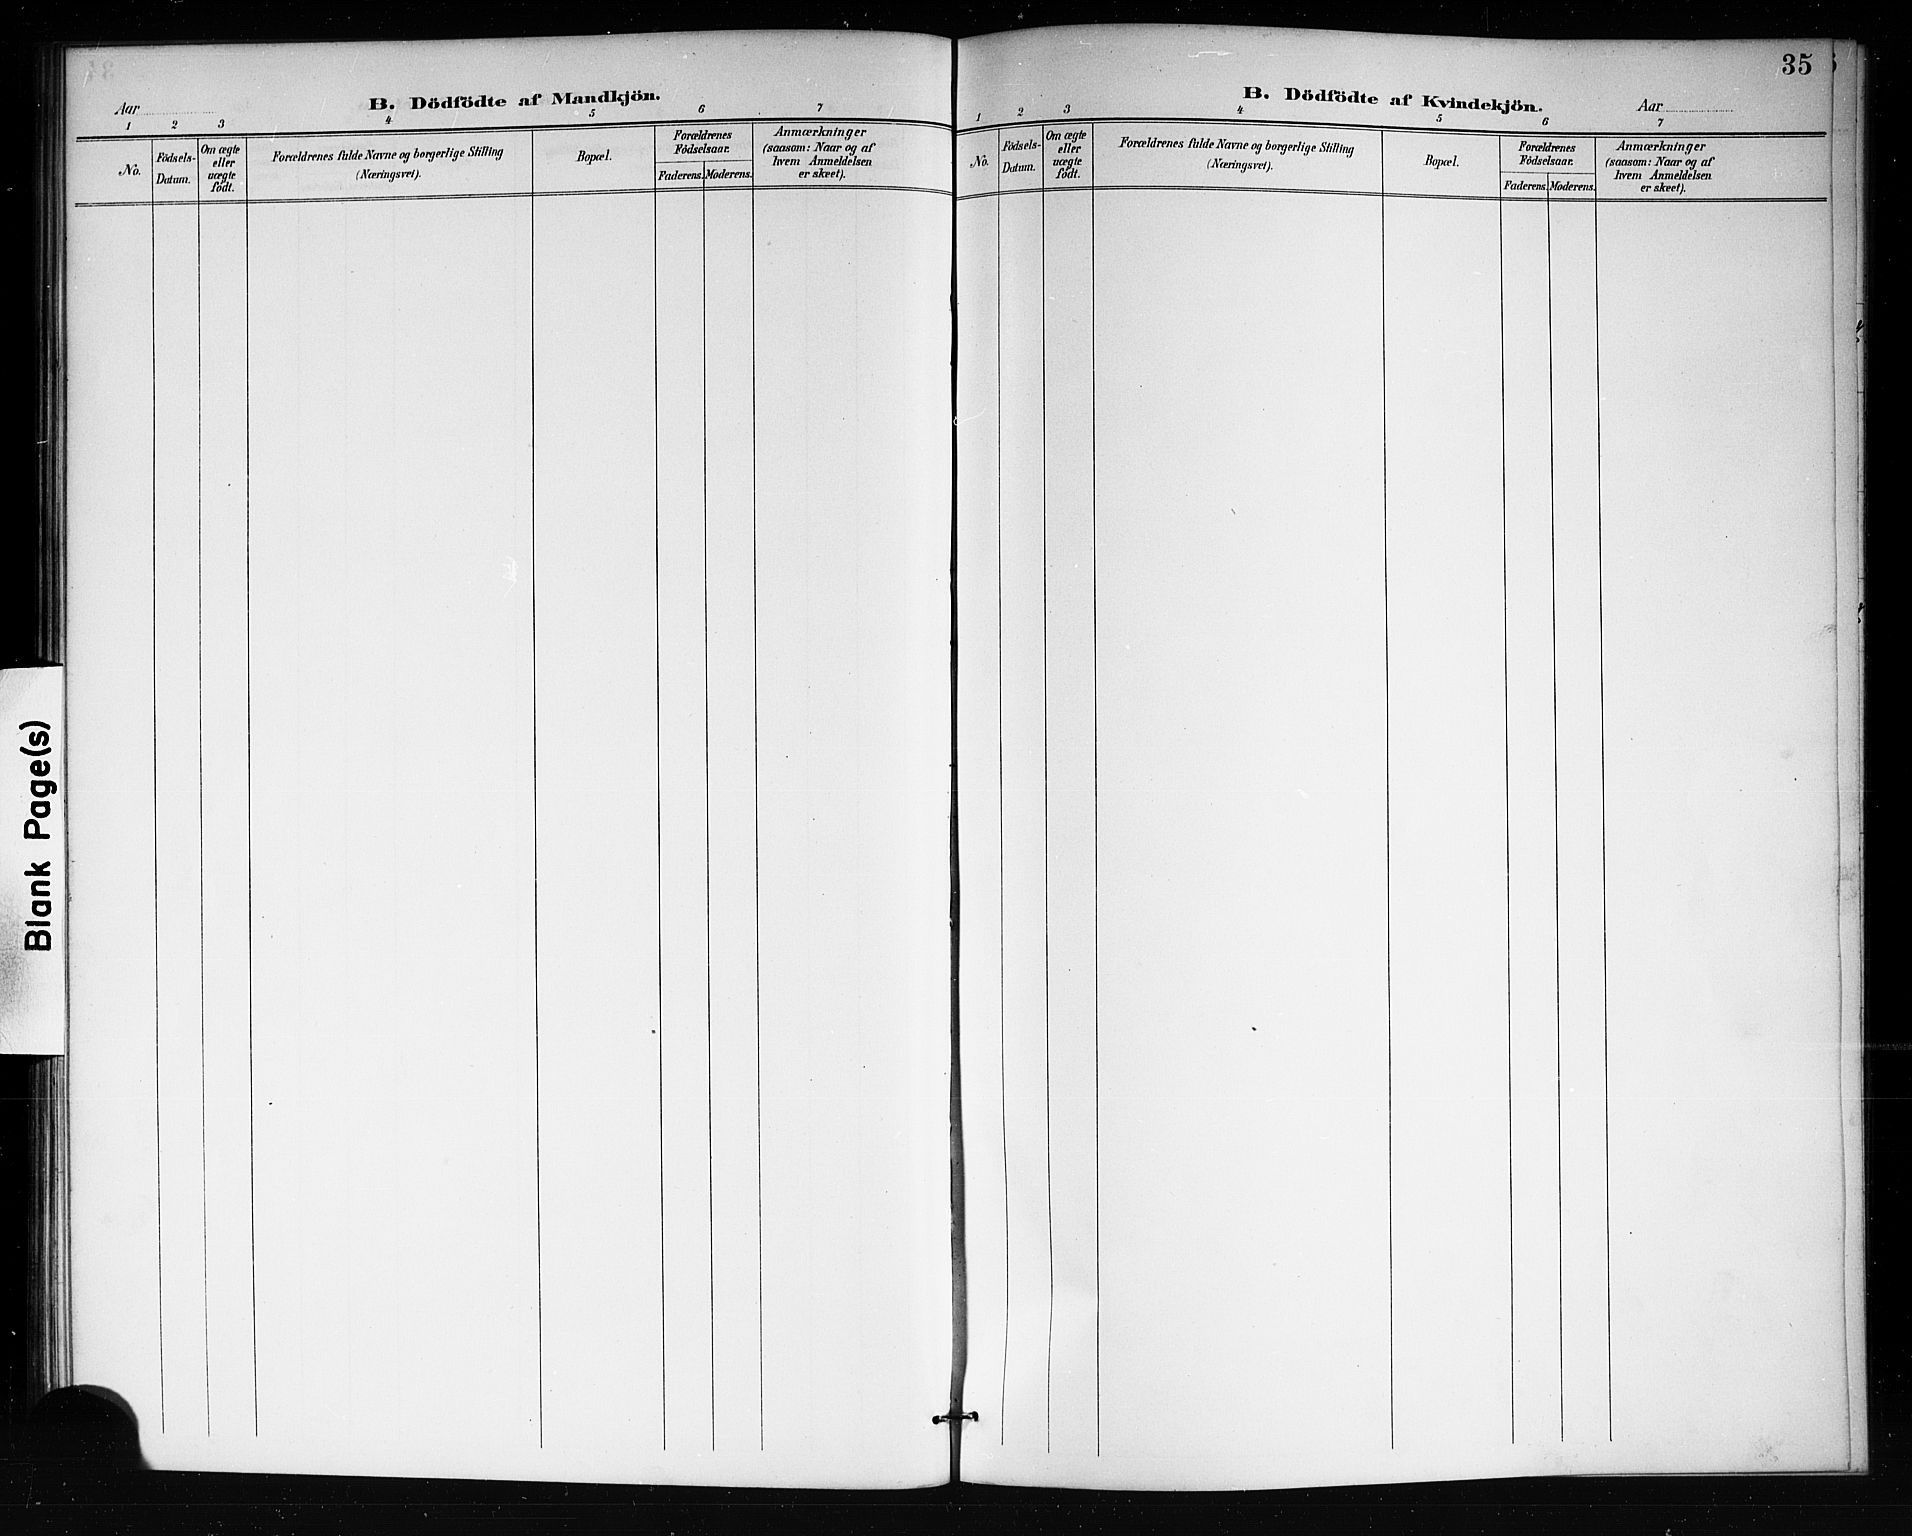 SAKO, Lårdal kirkebøker, G/Gb/L0003: Parish register (copy) no. II 3, 1889-1920, p. 35